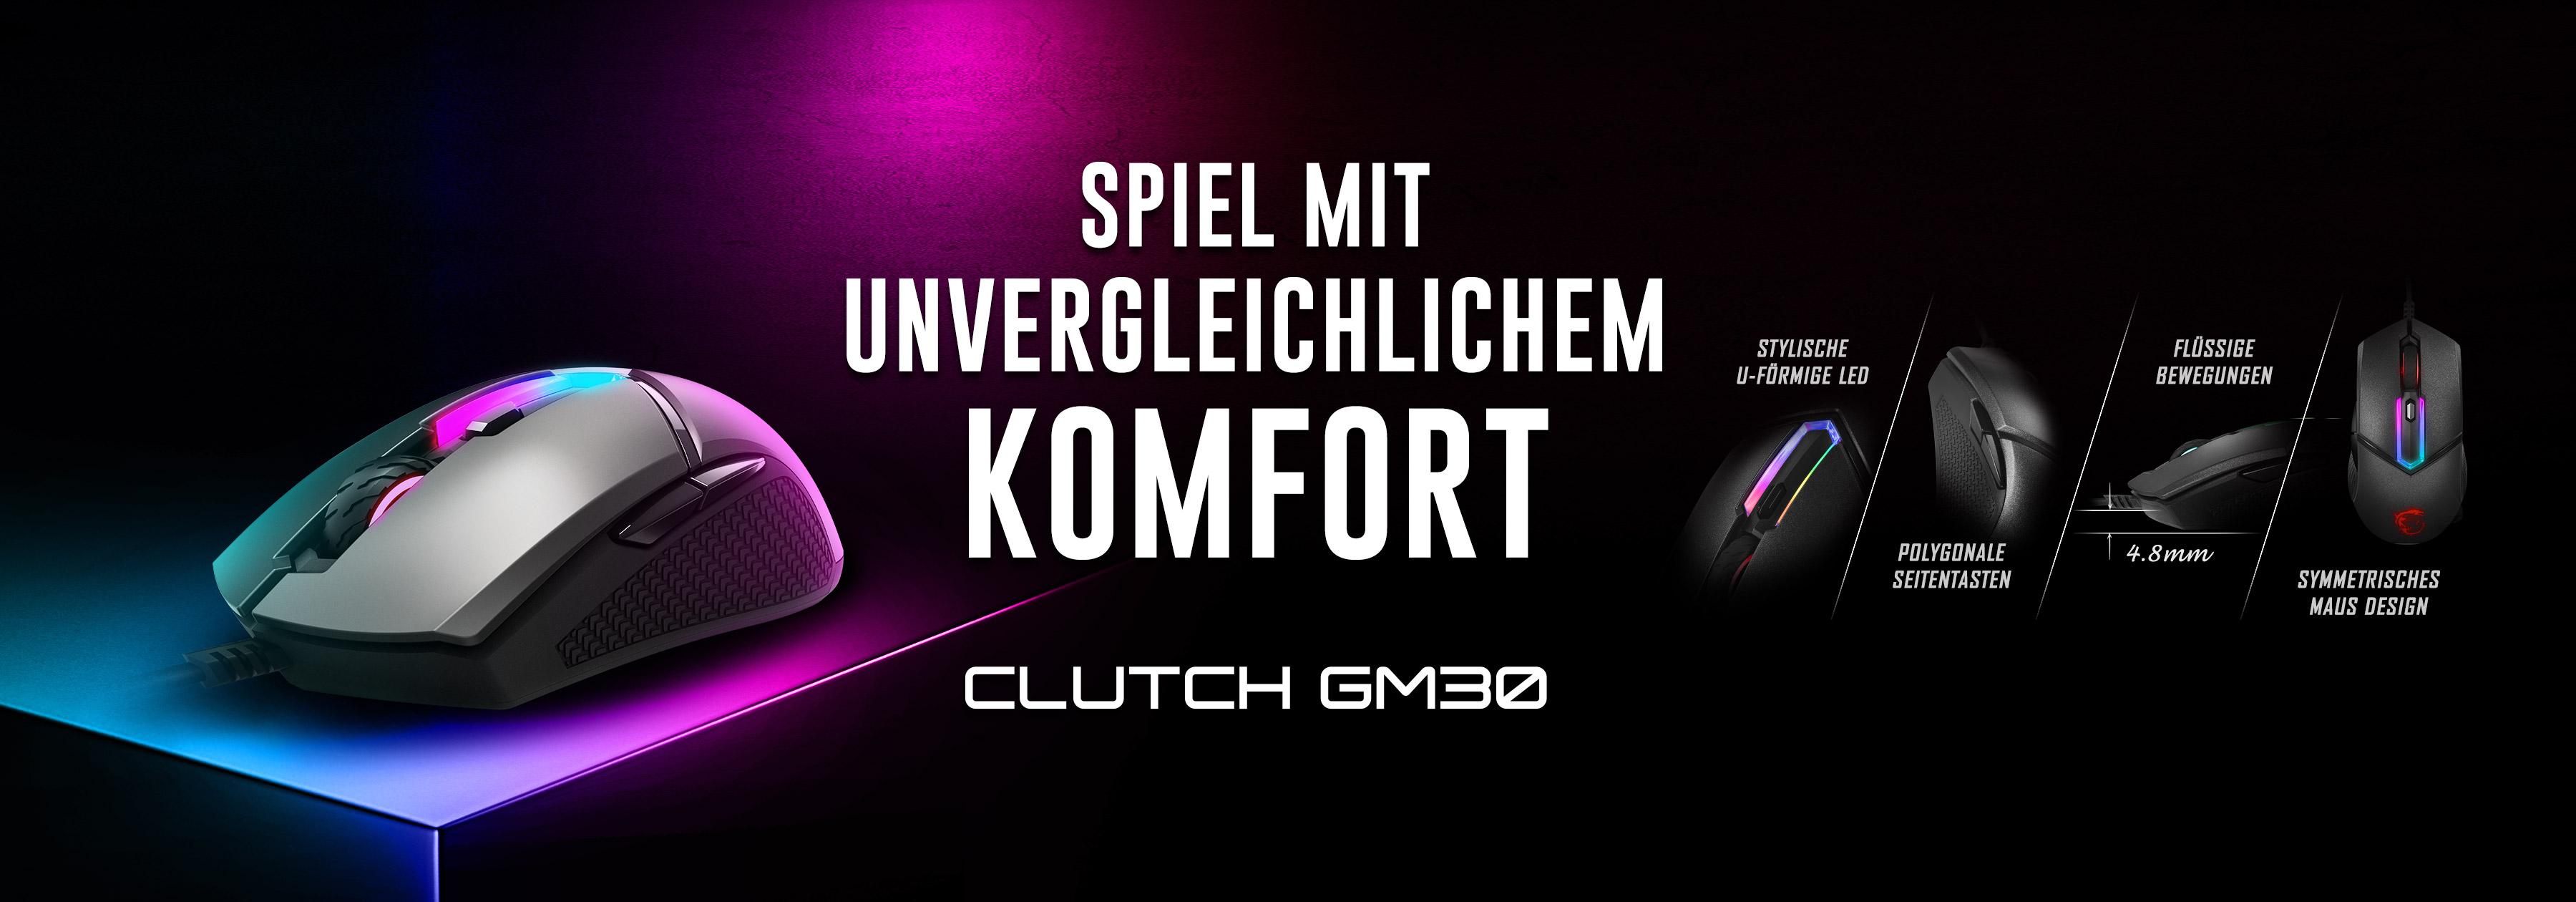 Clutch GM30